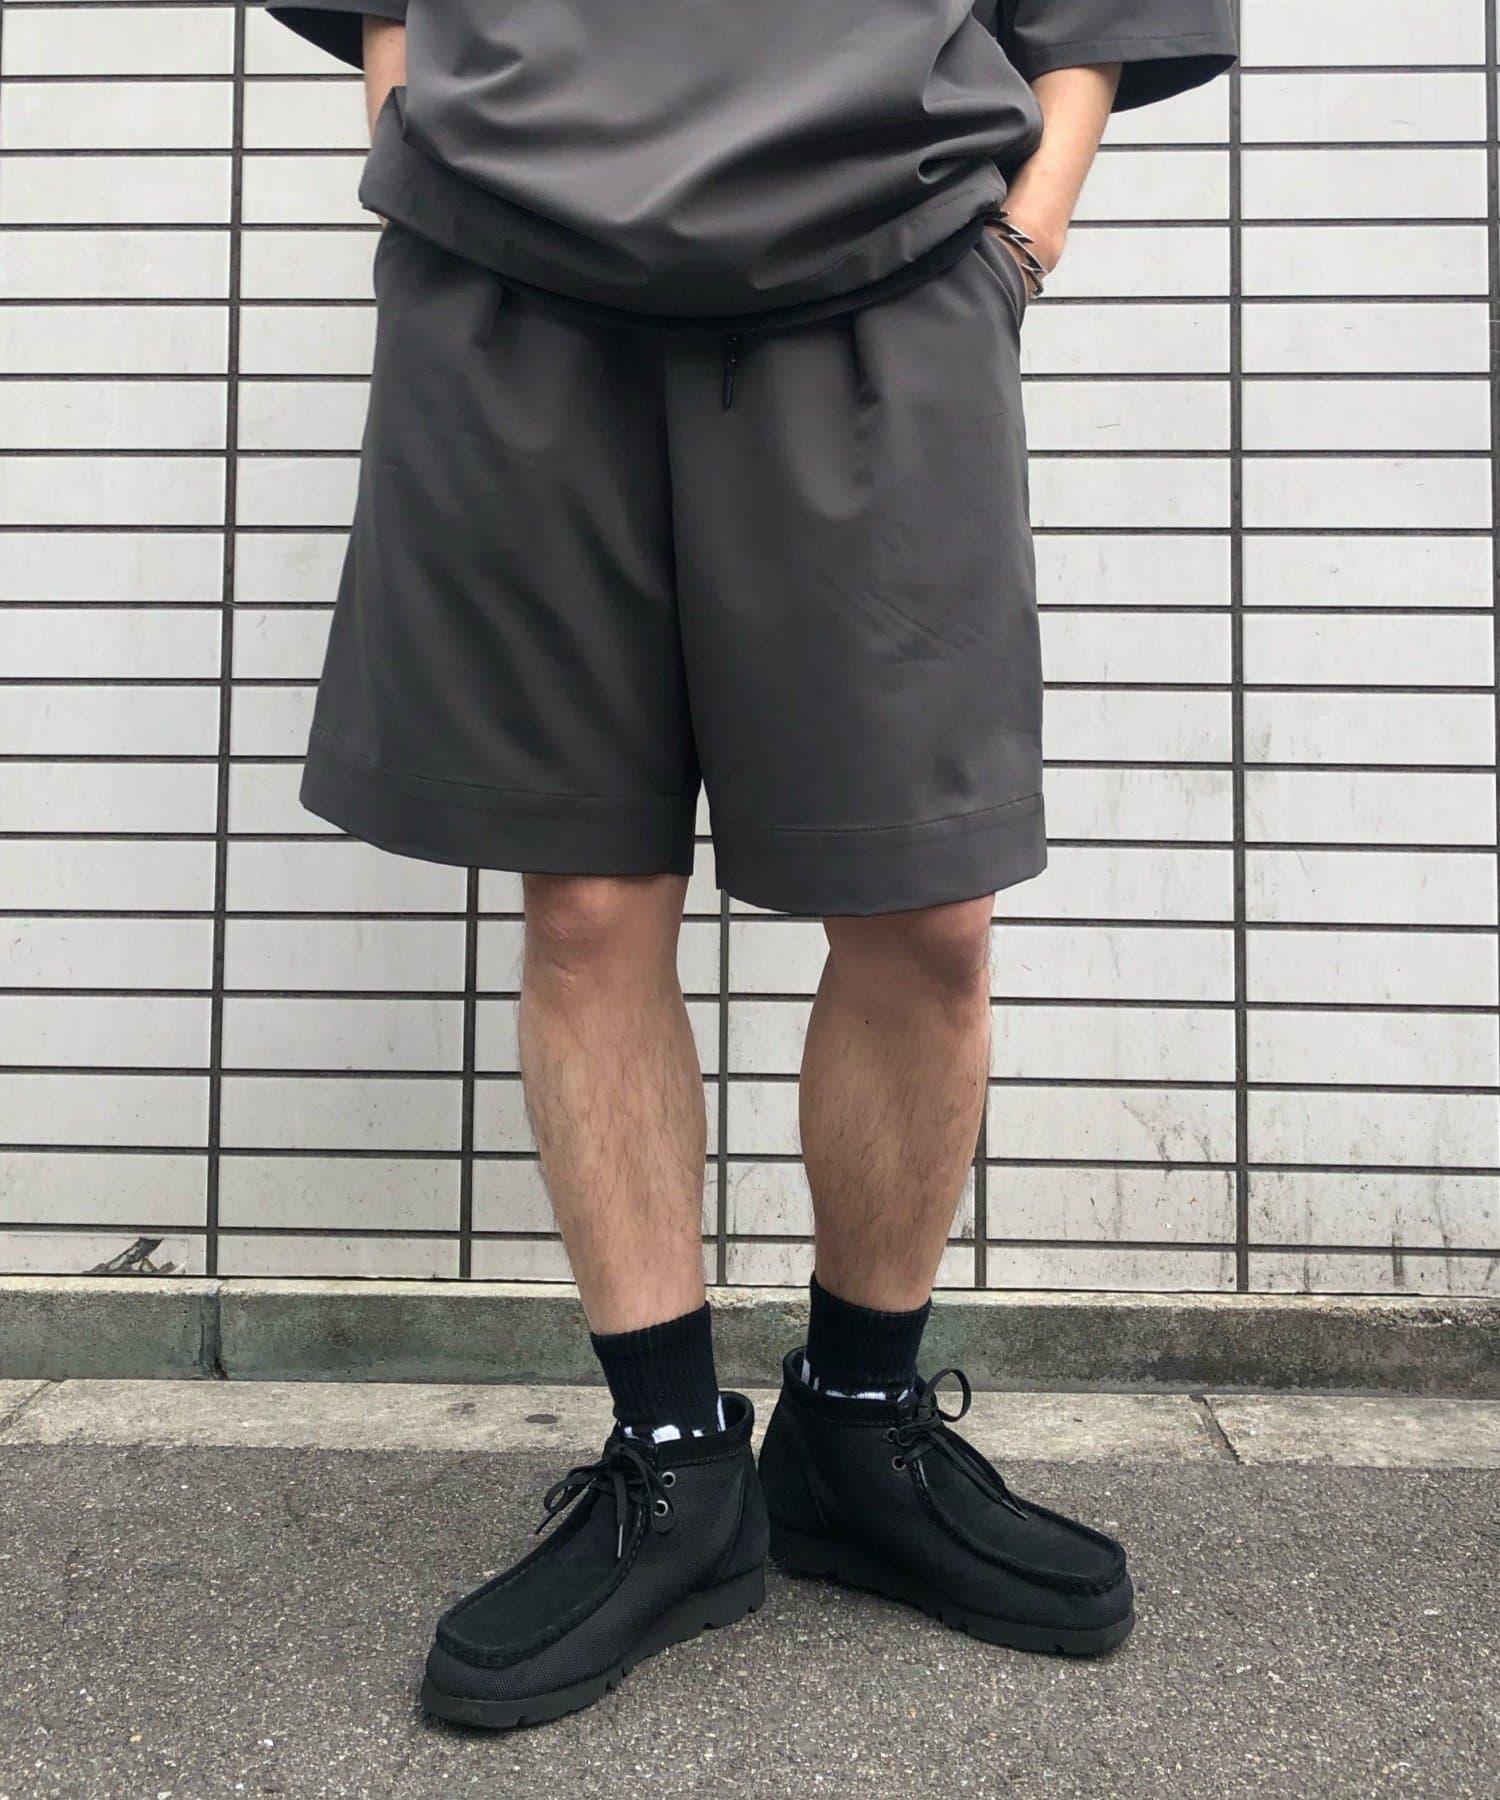 CIAOPANIC(チャオパニック) 【SHELTECH(R)/シェルテック】ビッグTシャツ+ショーツ/セットアップ